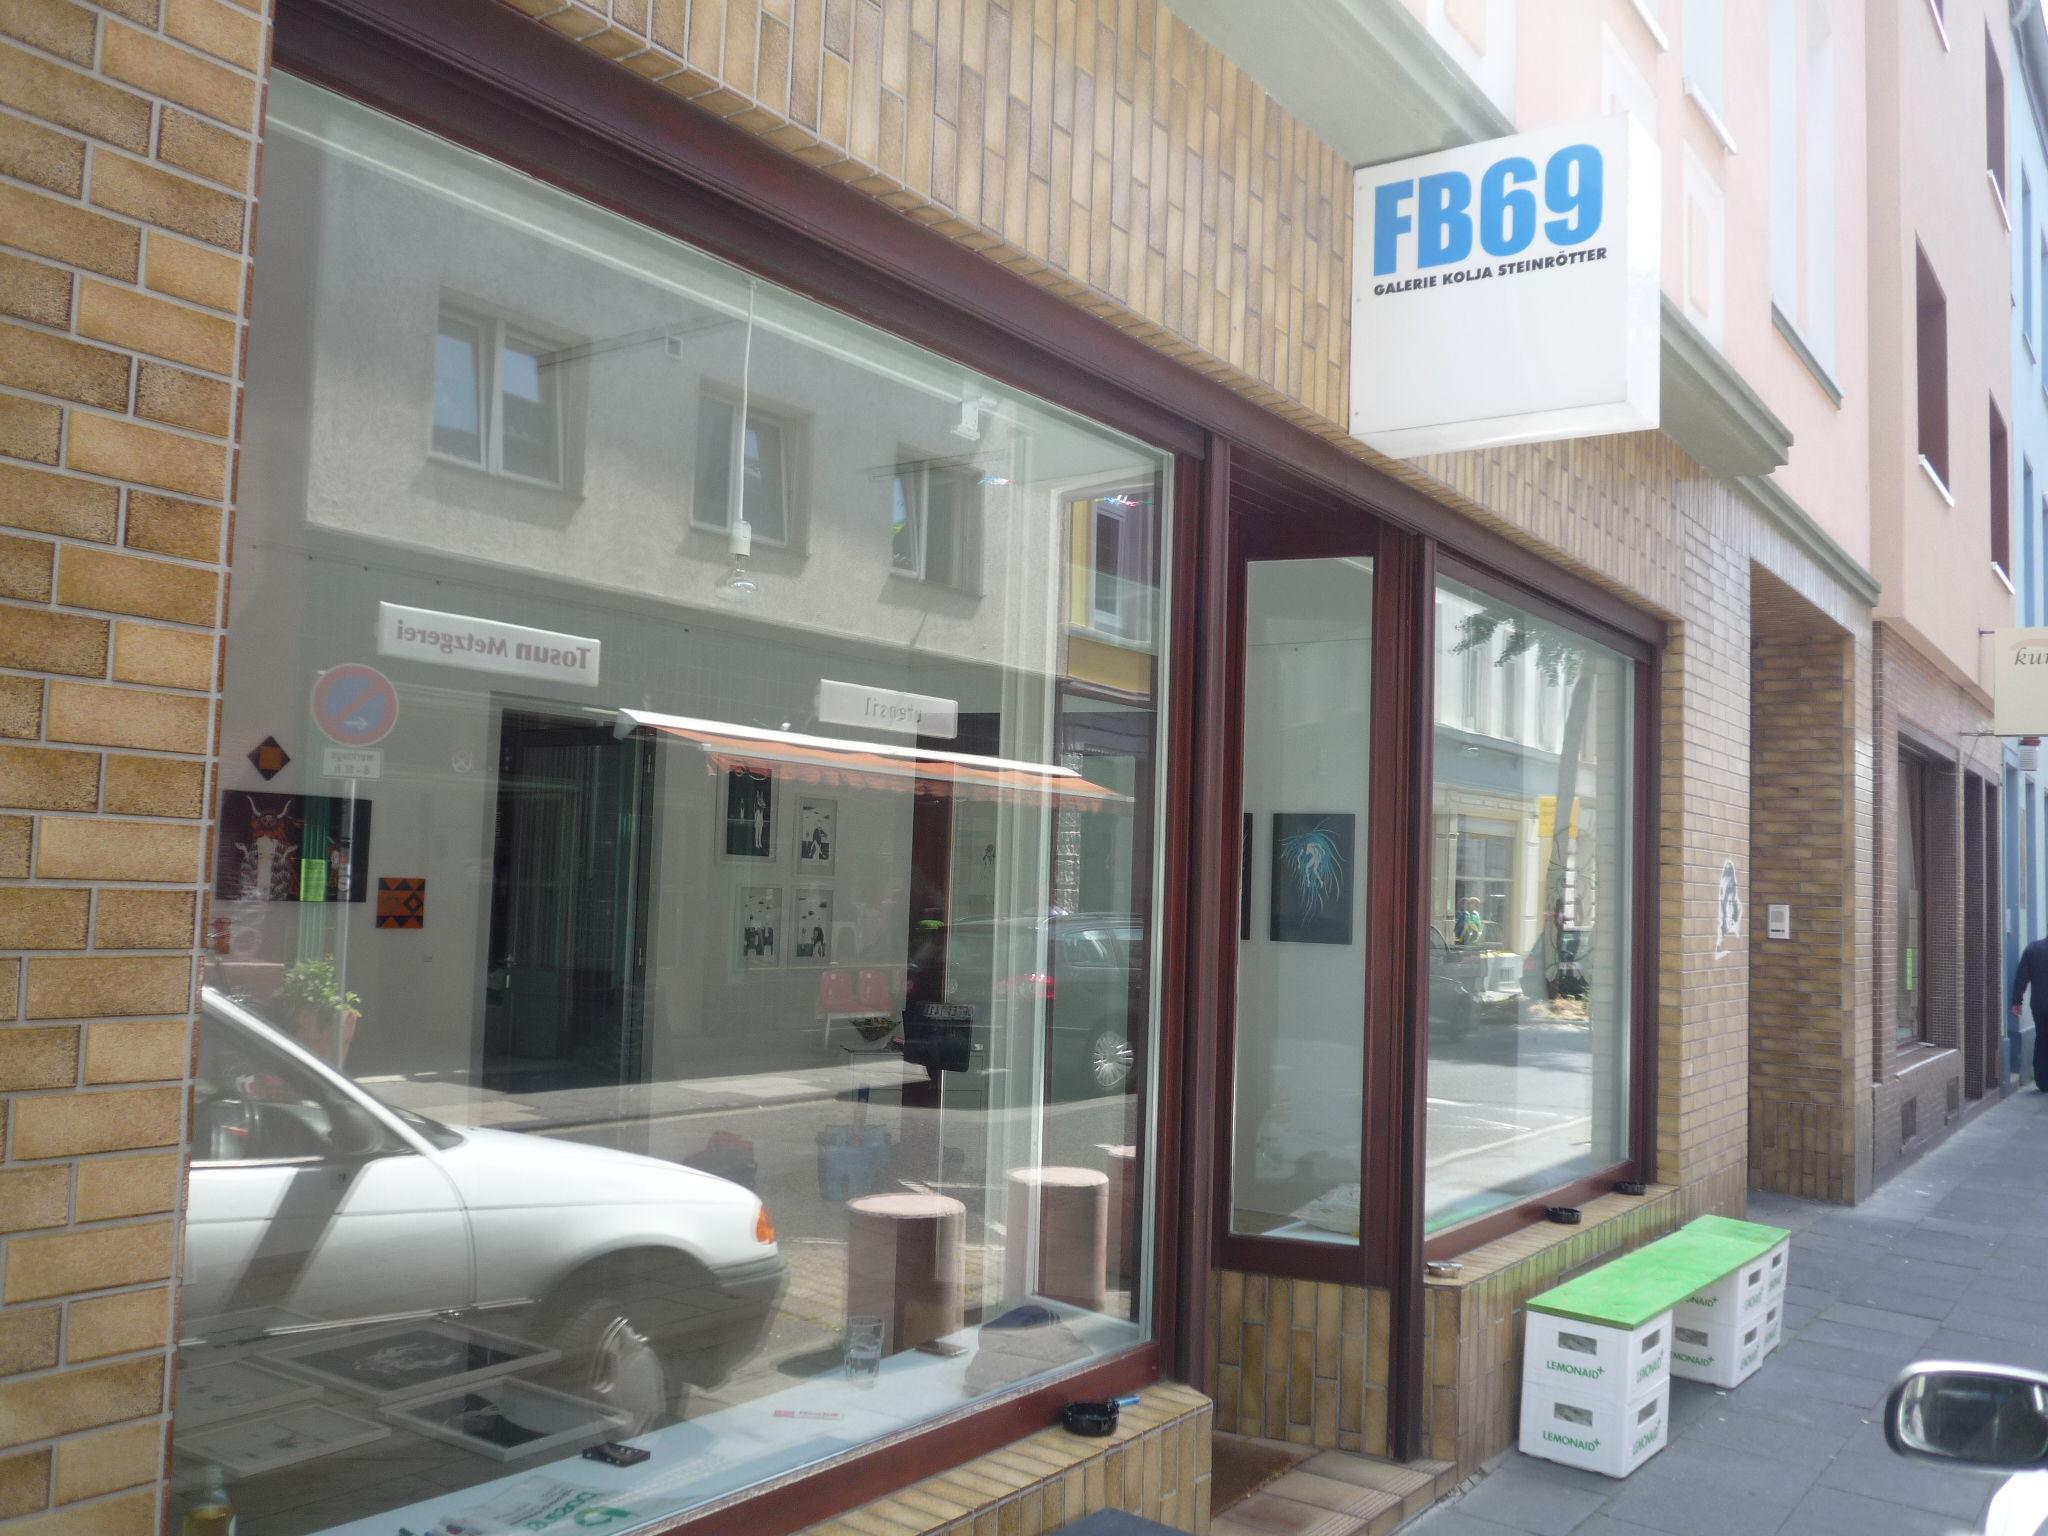 Fb69 Galerie Kolja Steinrotter Koln